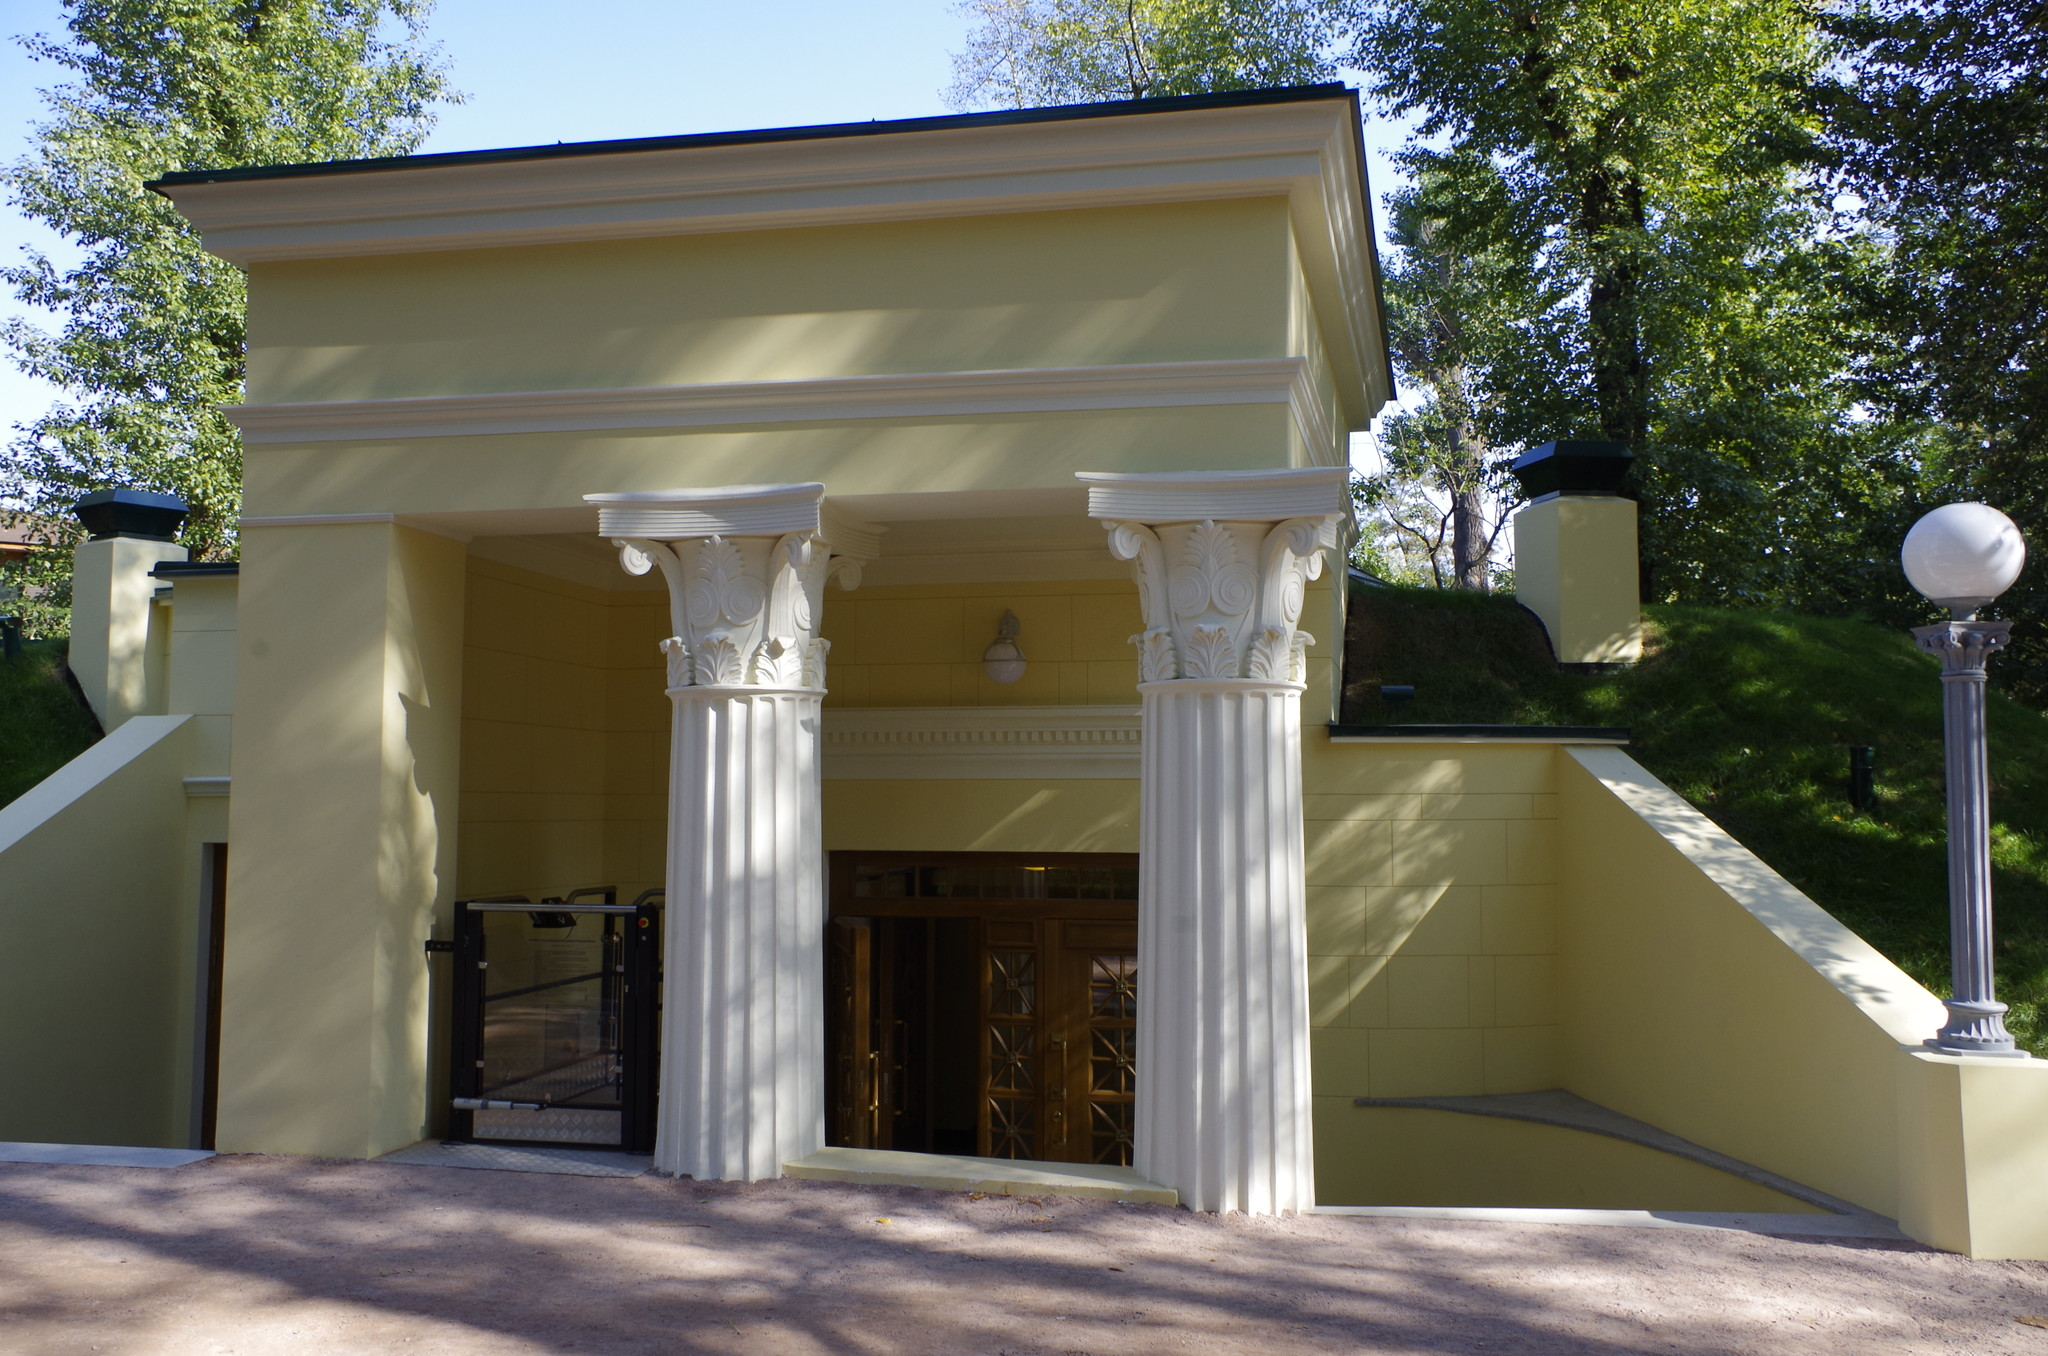 Здание общественного туалета в Центральном парке культуры и отдыха имени Горького